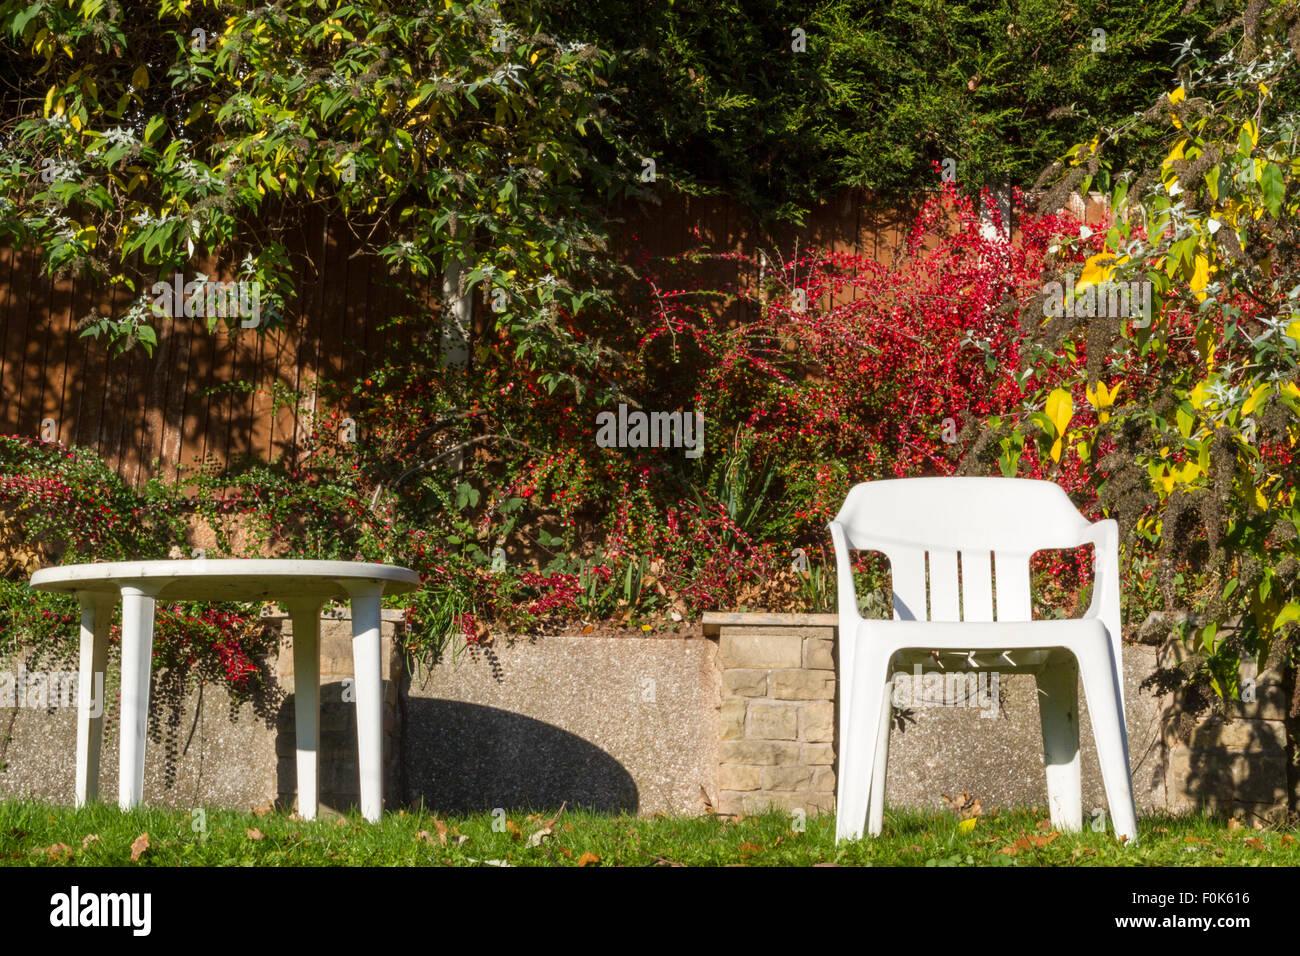 Weisse Kunststoff Tisch Und Stuhl In Einem Garten An Einem Sonnigen